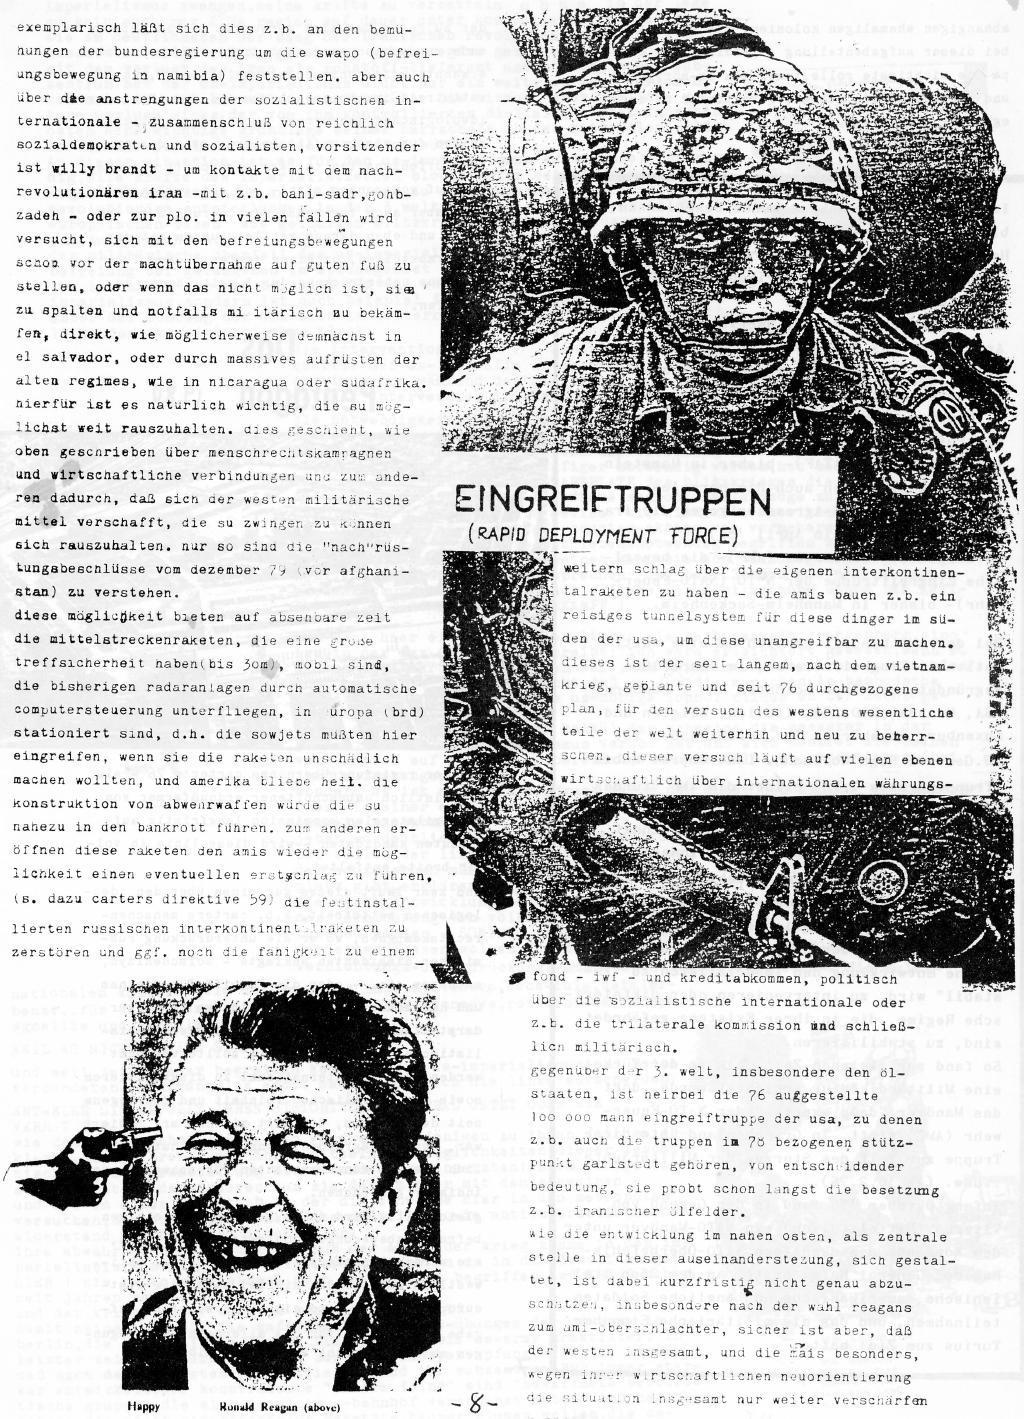 Bremen_1980_NATO_Broschuere_08